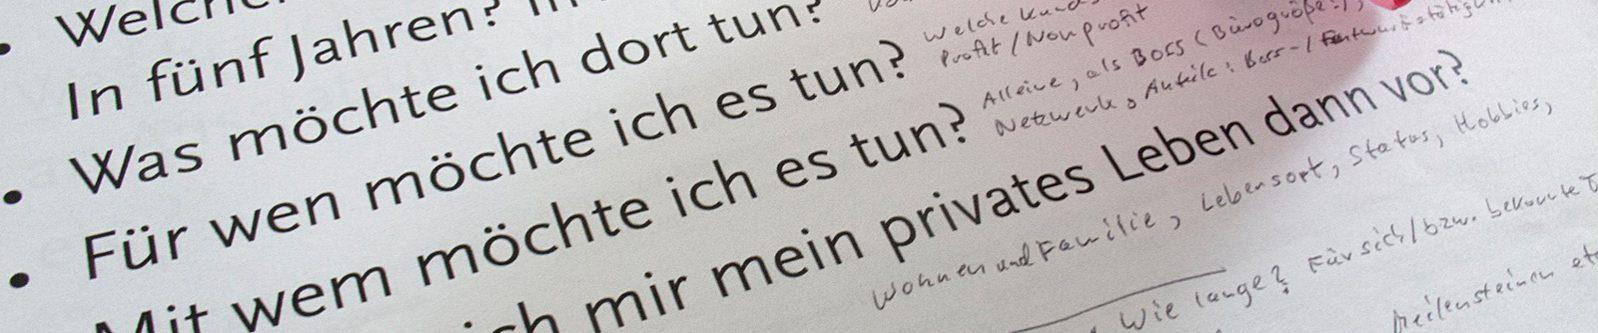 Sparschwein 02